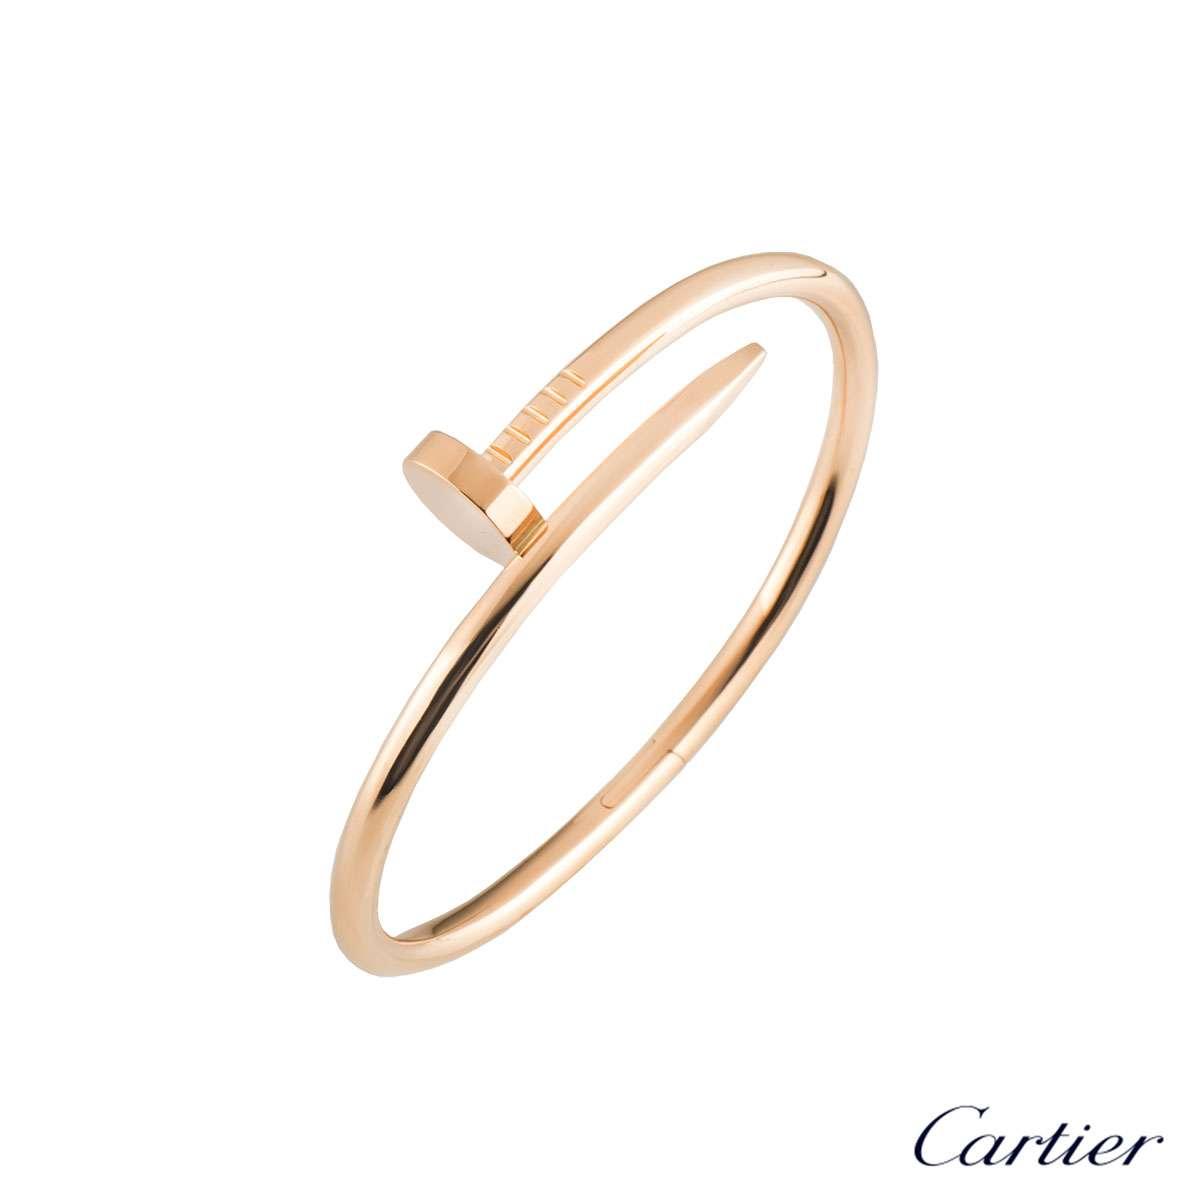 CartierRose Gold Juste Un Clou Bracelet Size16B6037716